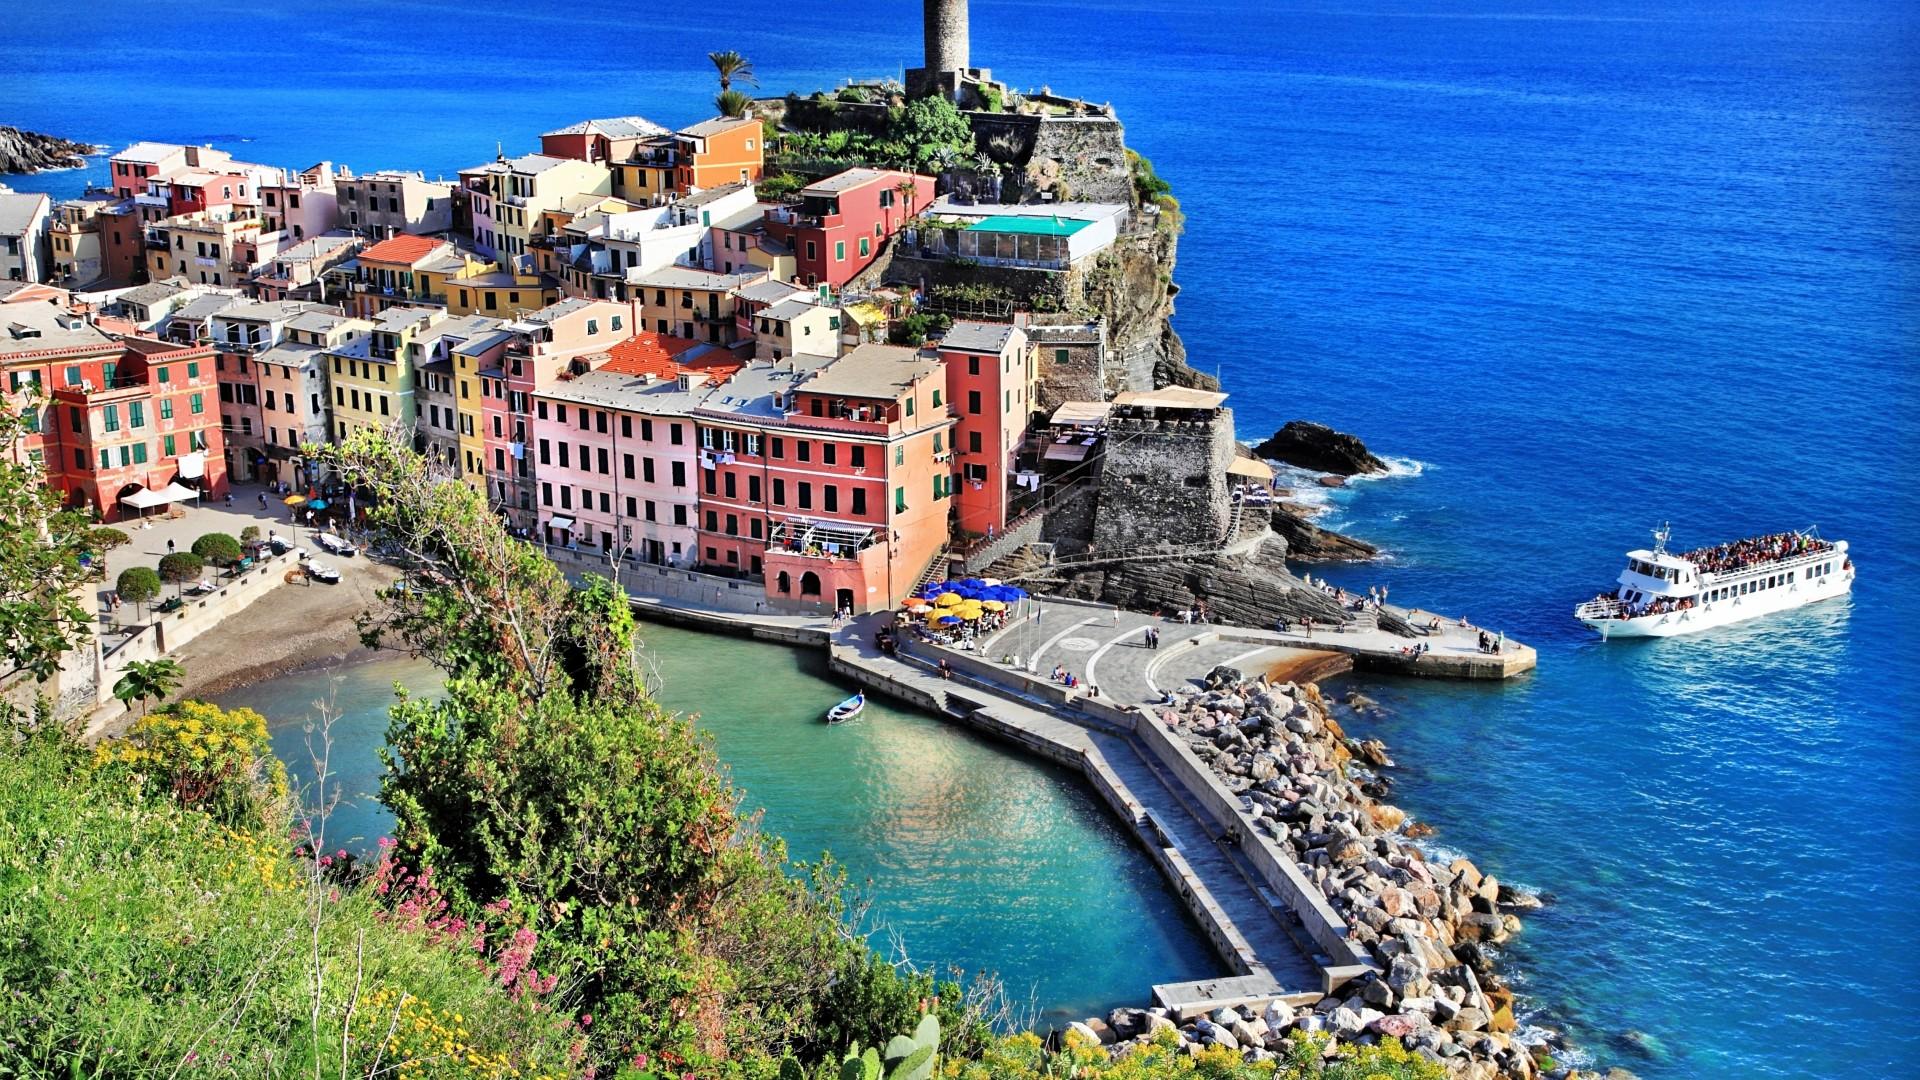 италия пляжи обои на рабочий стол № 507085 загрузить